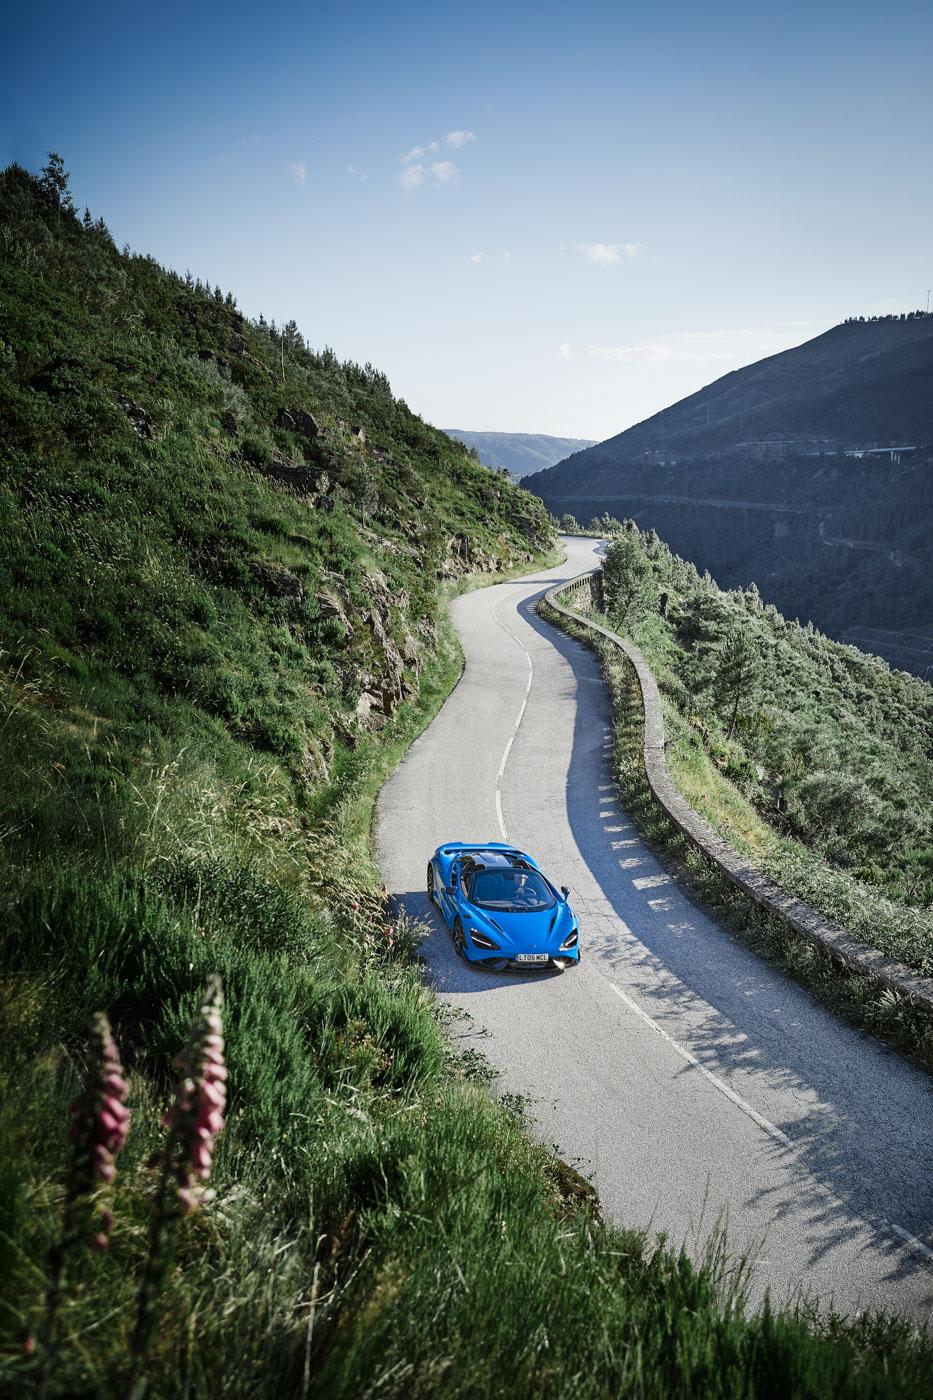 McLaren-765-LT-Spider-siêu-xe-mui-trần-hiệu-năng-cao-dẫn-đầu-phân-khúc-20.jpg